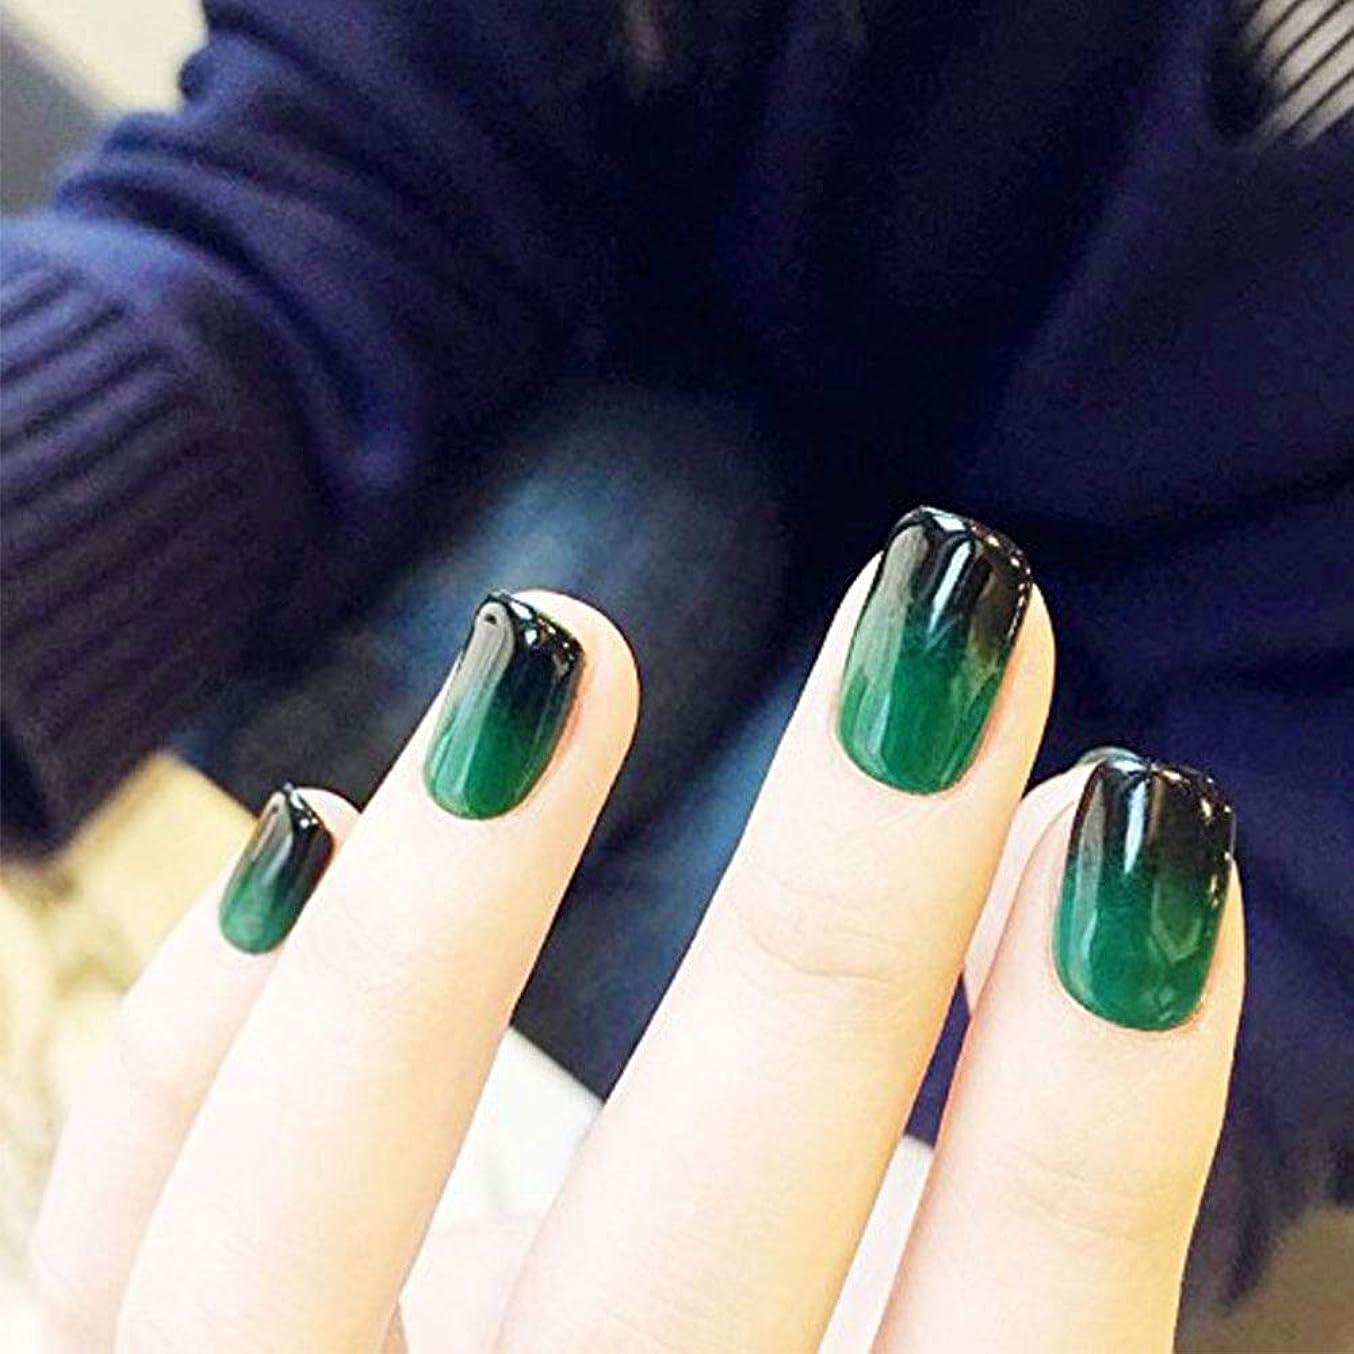 ジャグリングのれん匿名YuNail ネイルチップ 24枚  12別サイズ 手作りネイルチップ グラデーション 深緑 ショート、ネイルアート